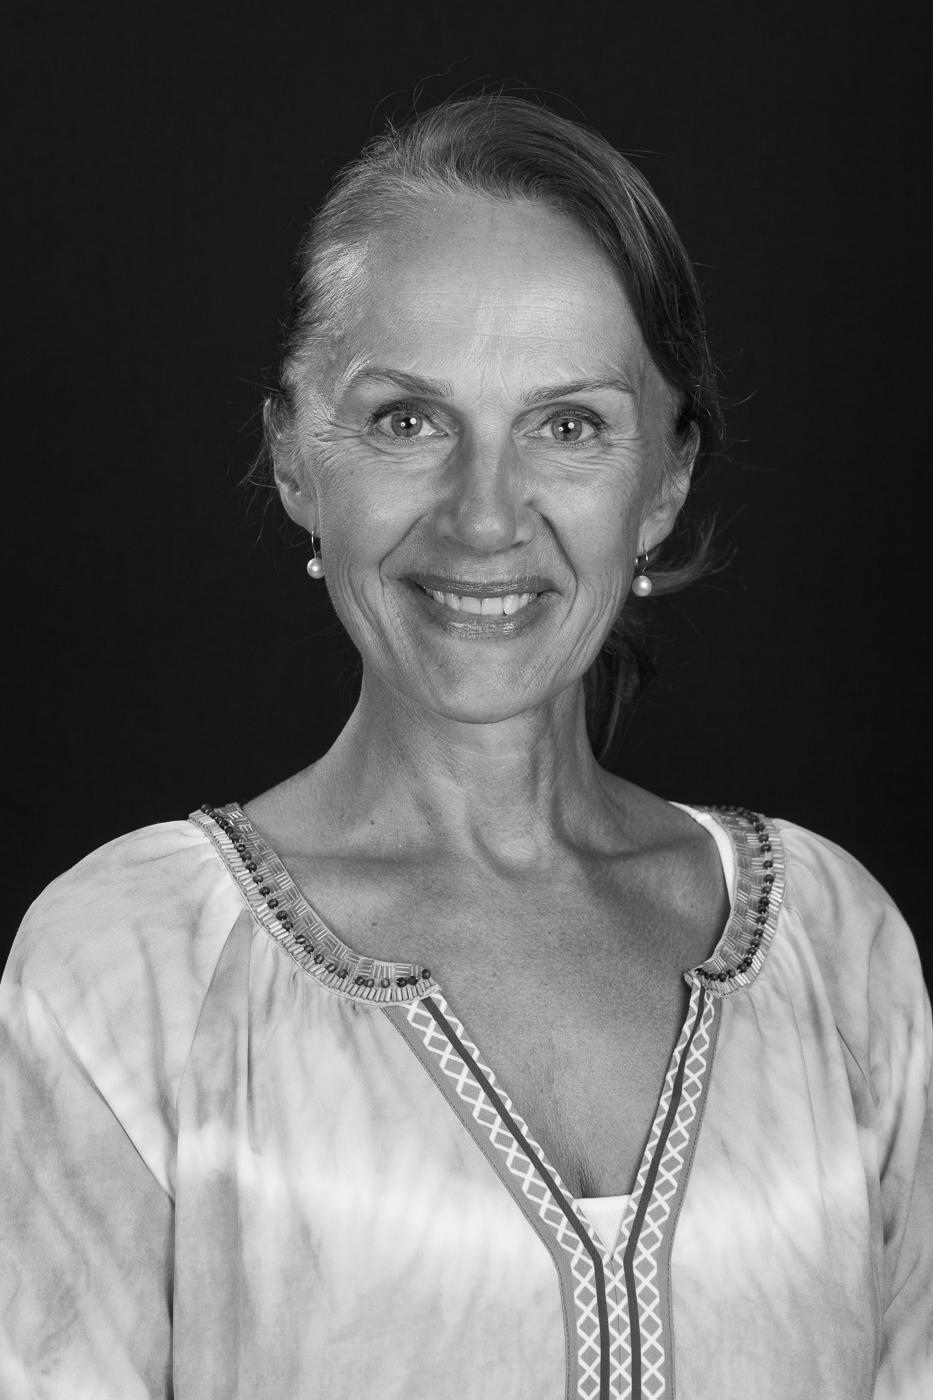 portrett profil